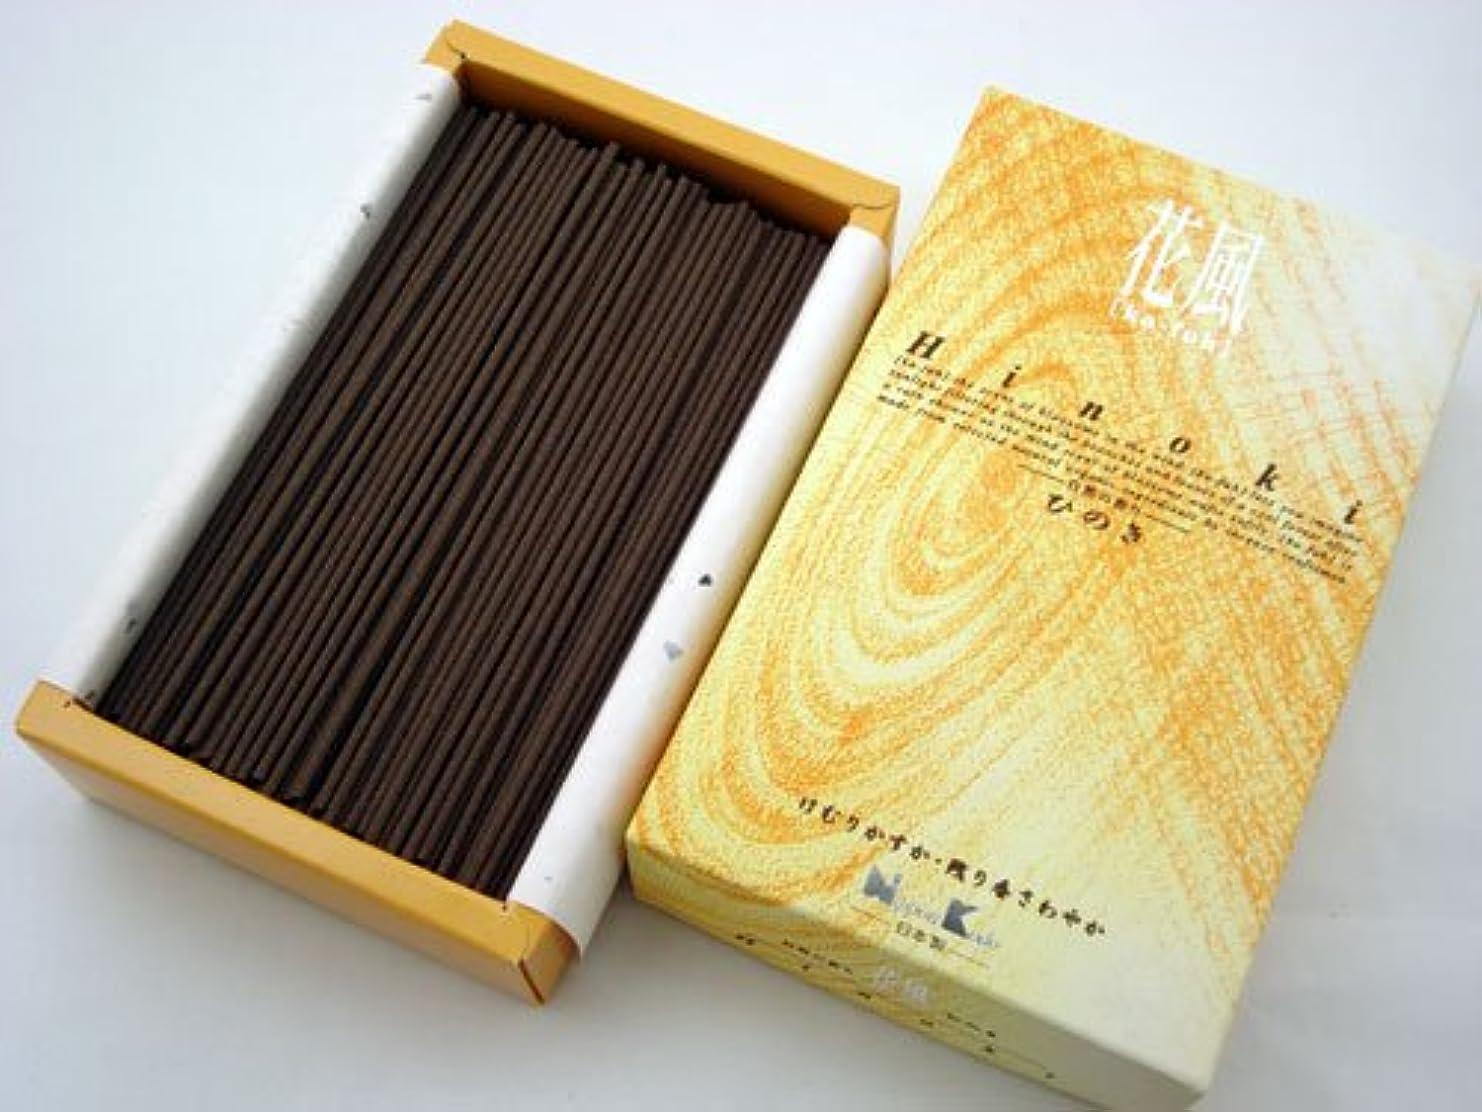 差マウンド印象派日本香堂 微煙線香【花風(かふう) ひのき】 バラ詰大箱